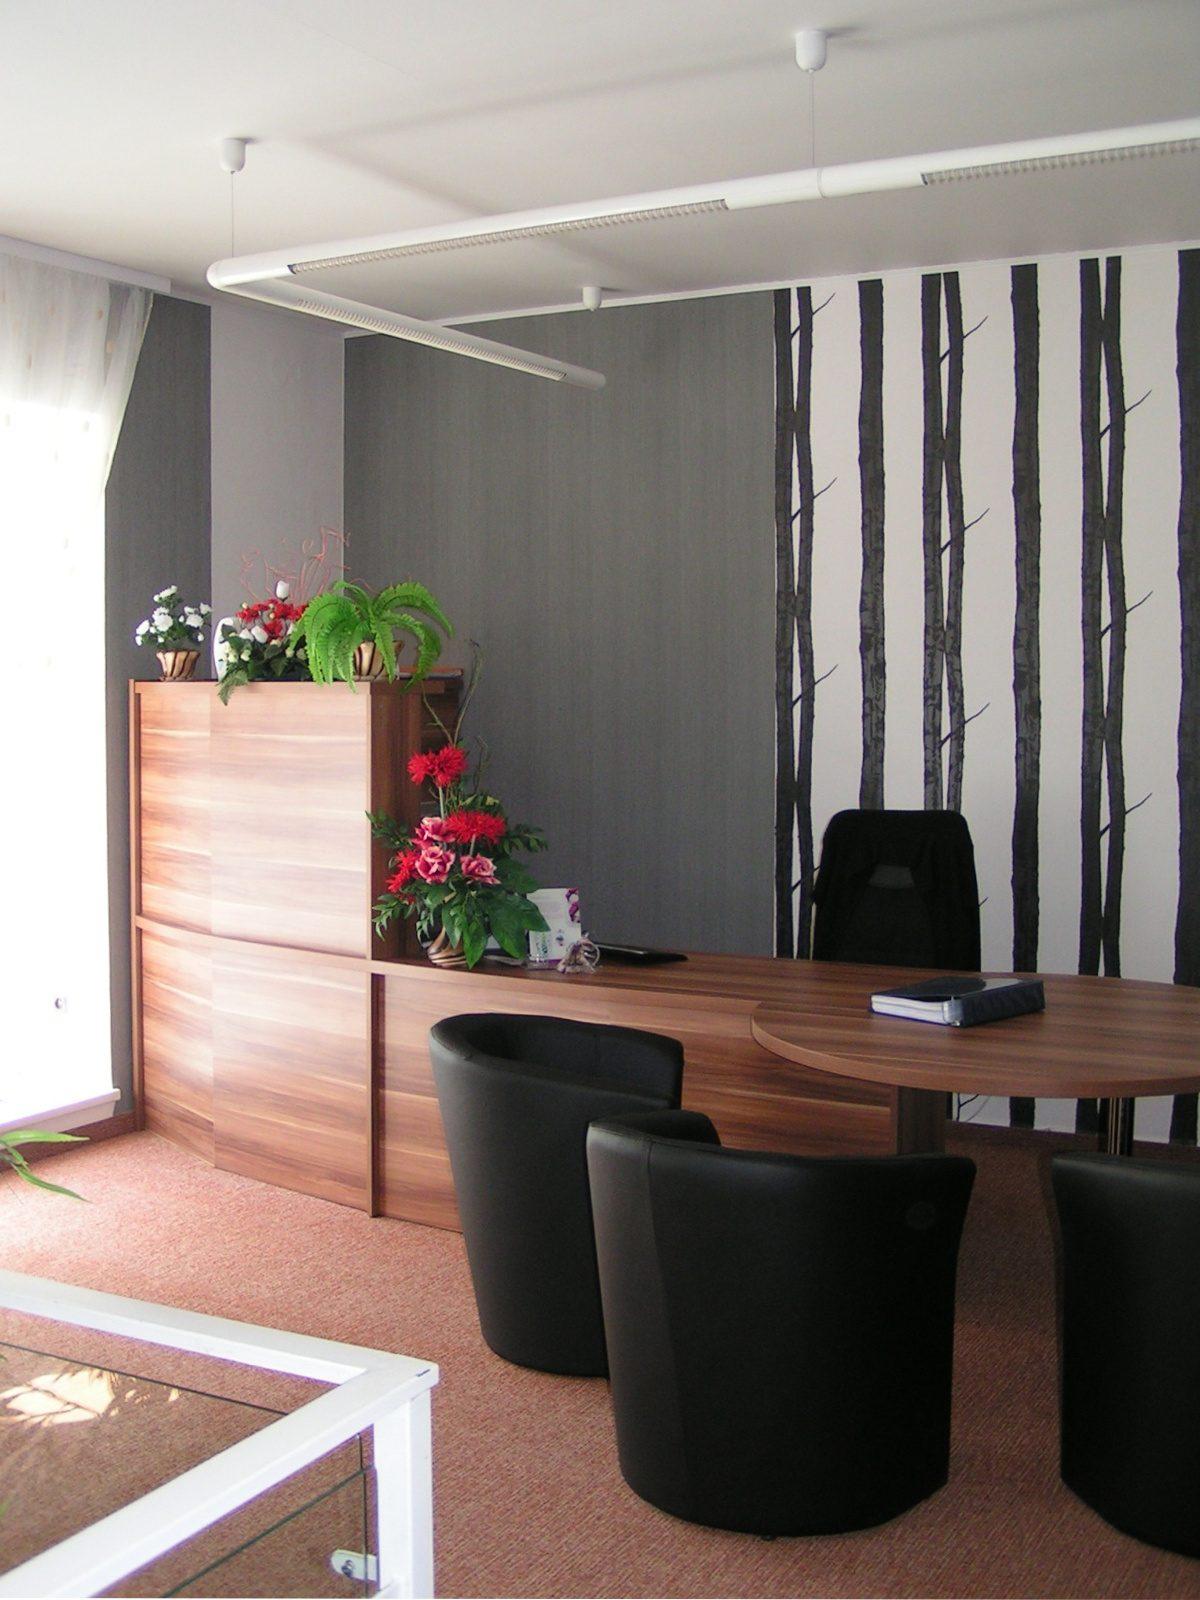 Kancelář pohřební služby Mladá Boleslav Laurinova - realizace